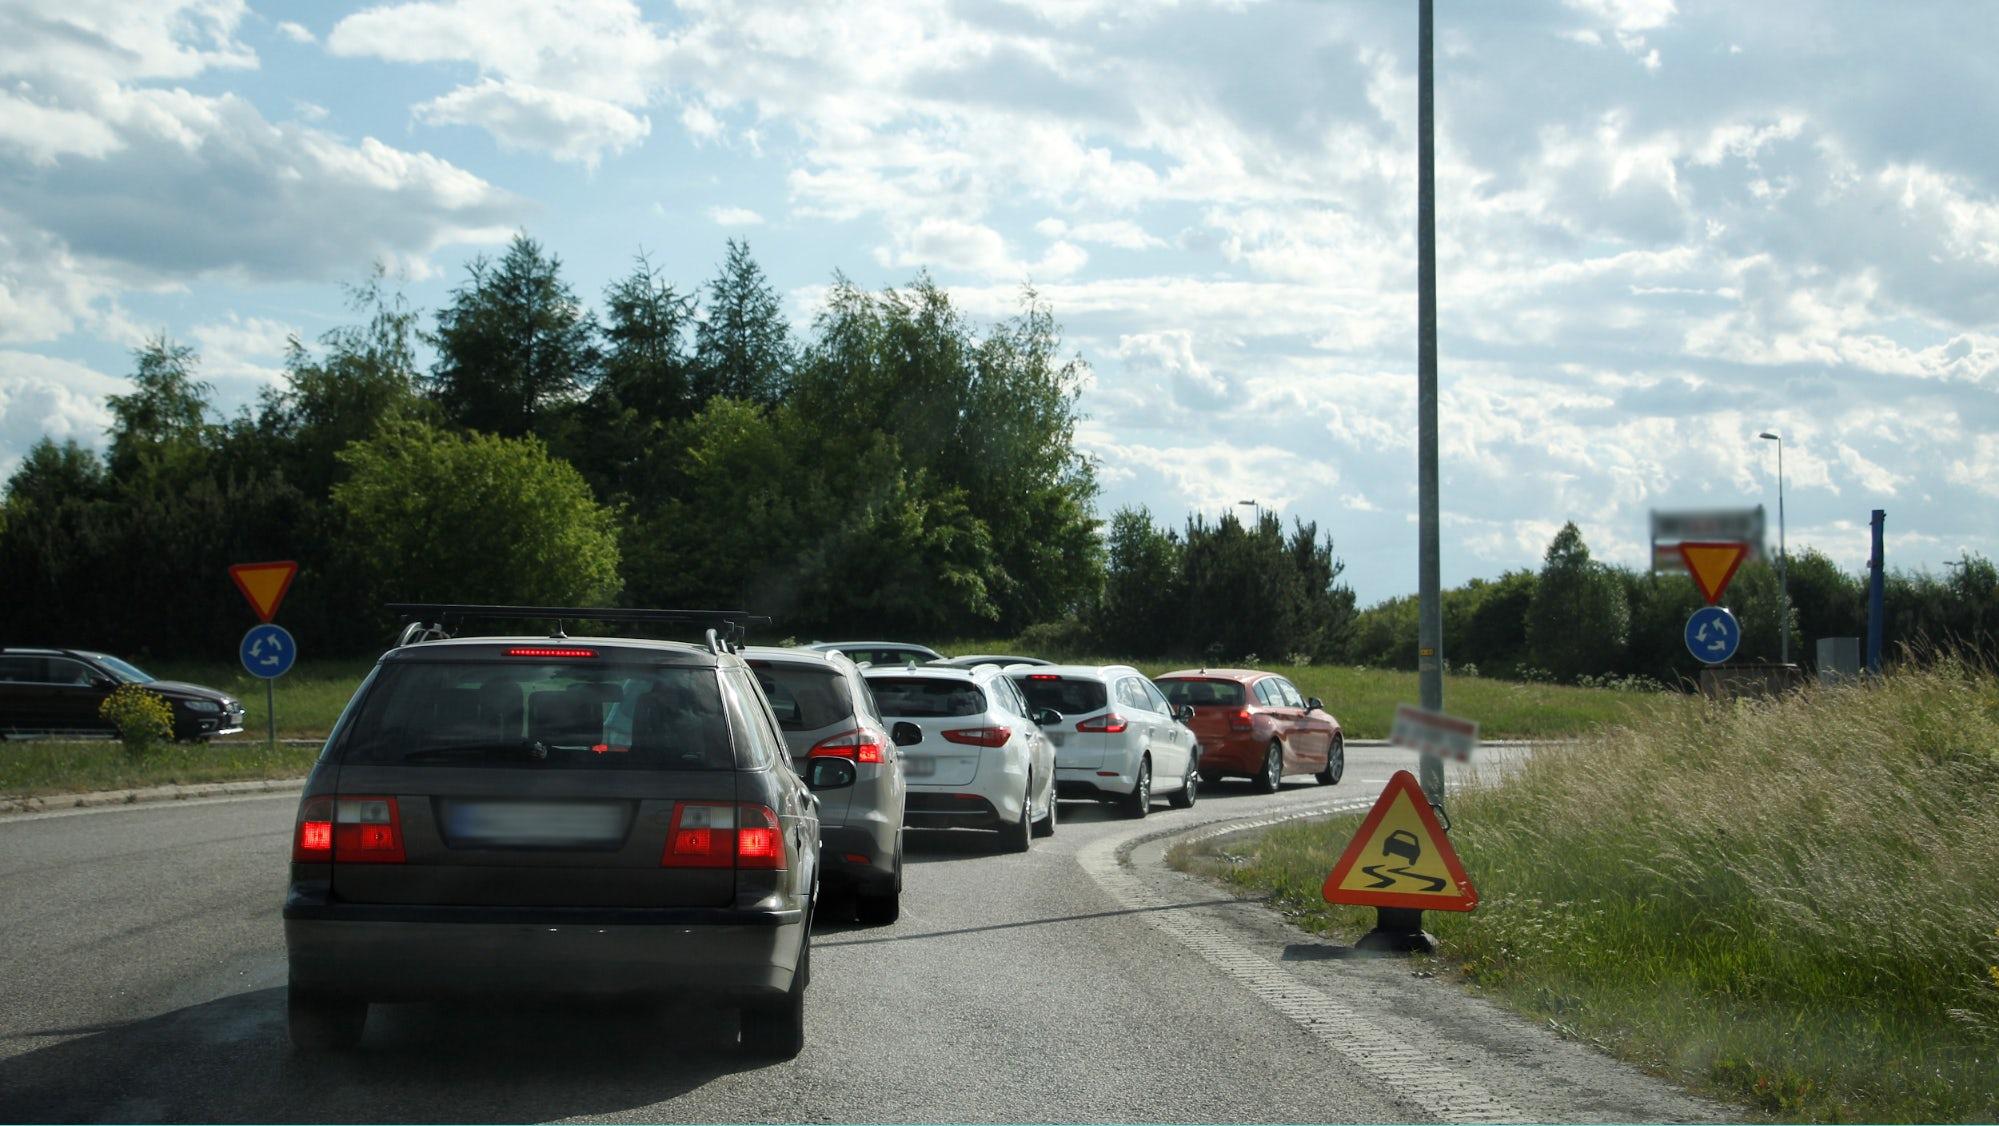 Flera bilar som väntar på att få köra in i en cirkulationsplats.